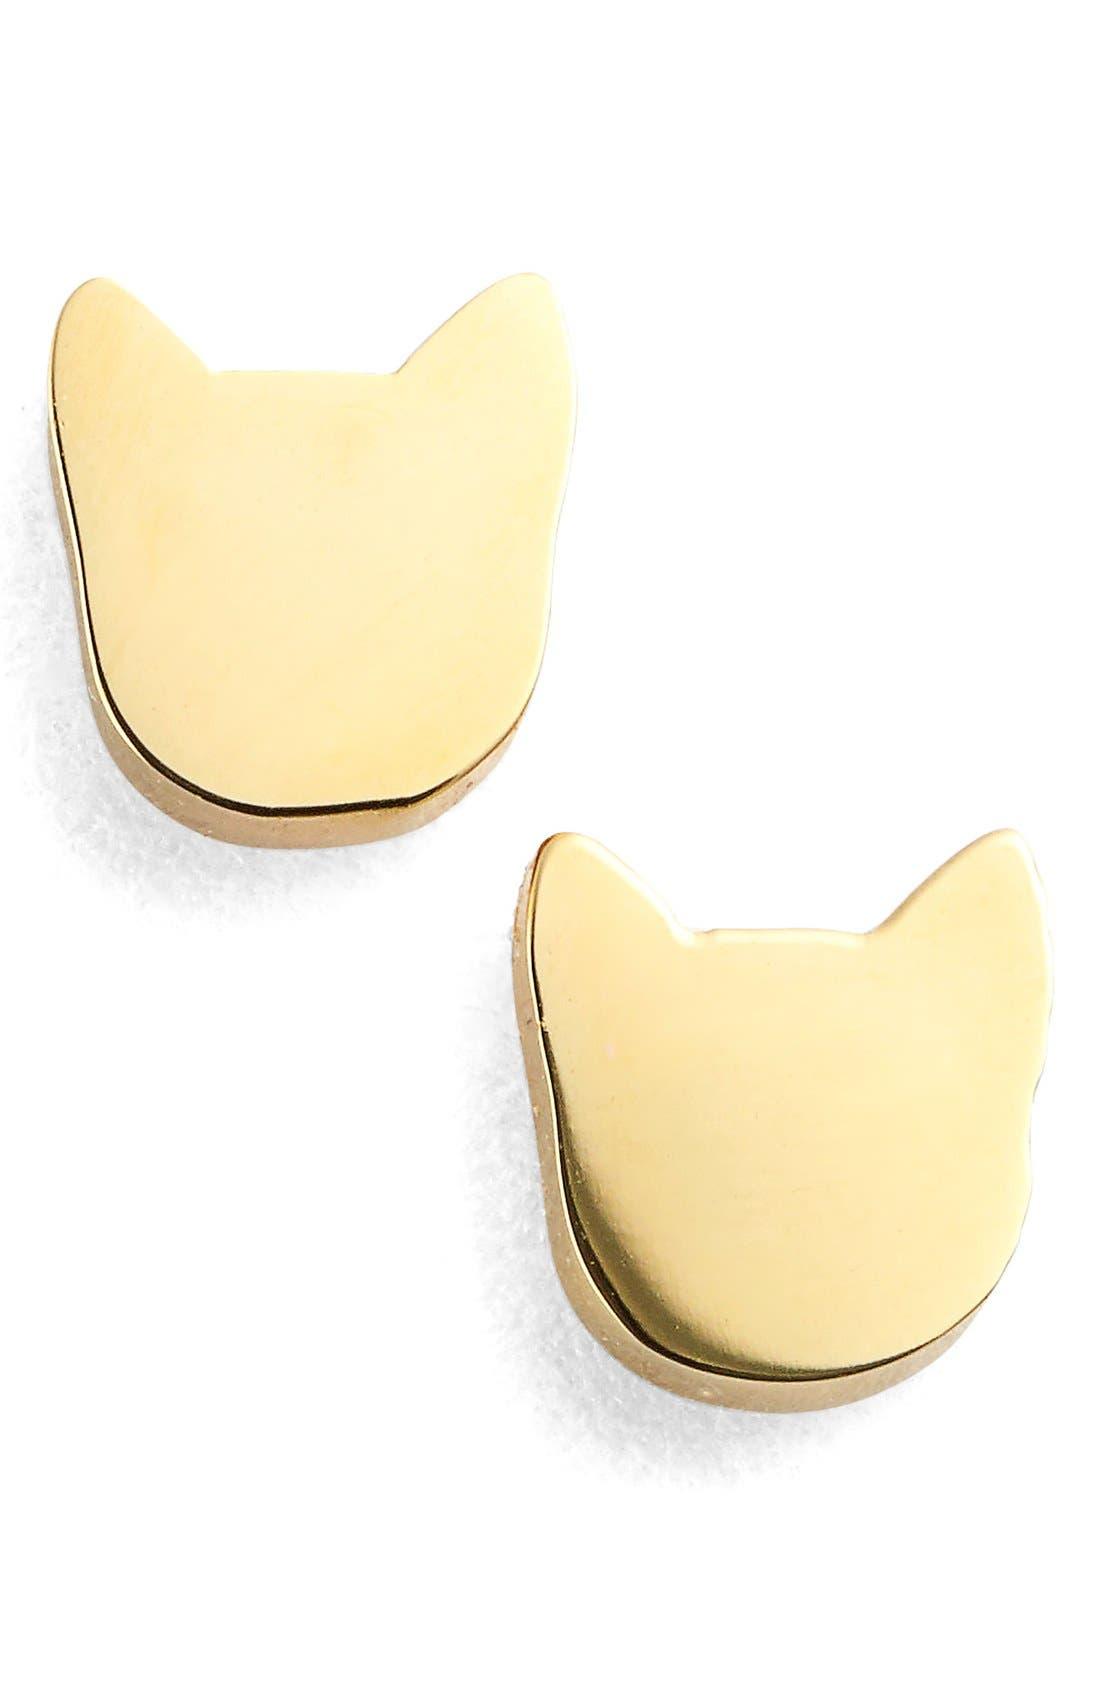 Alternate Image 1 Selected - Seoul Little Cat Stud Earrings